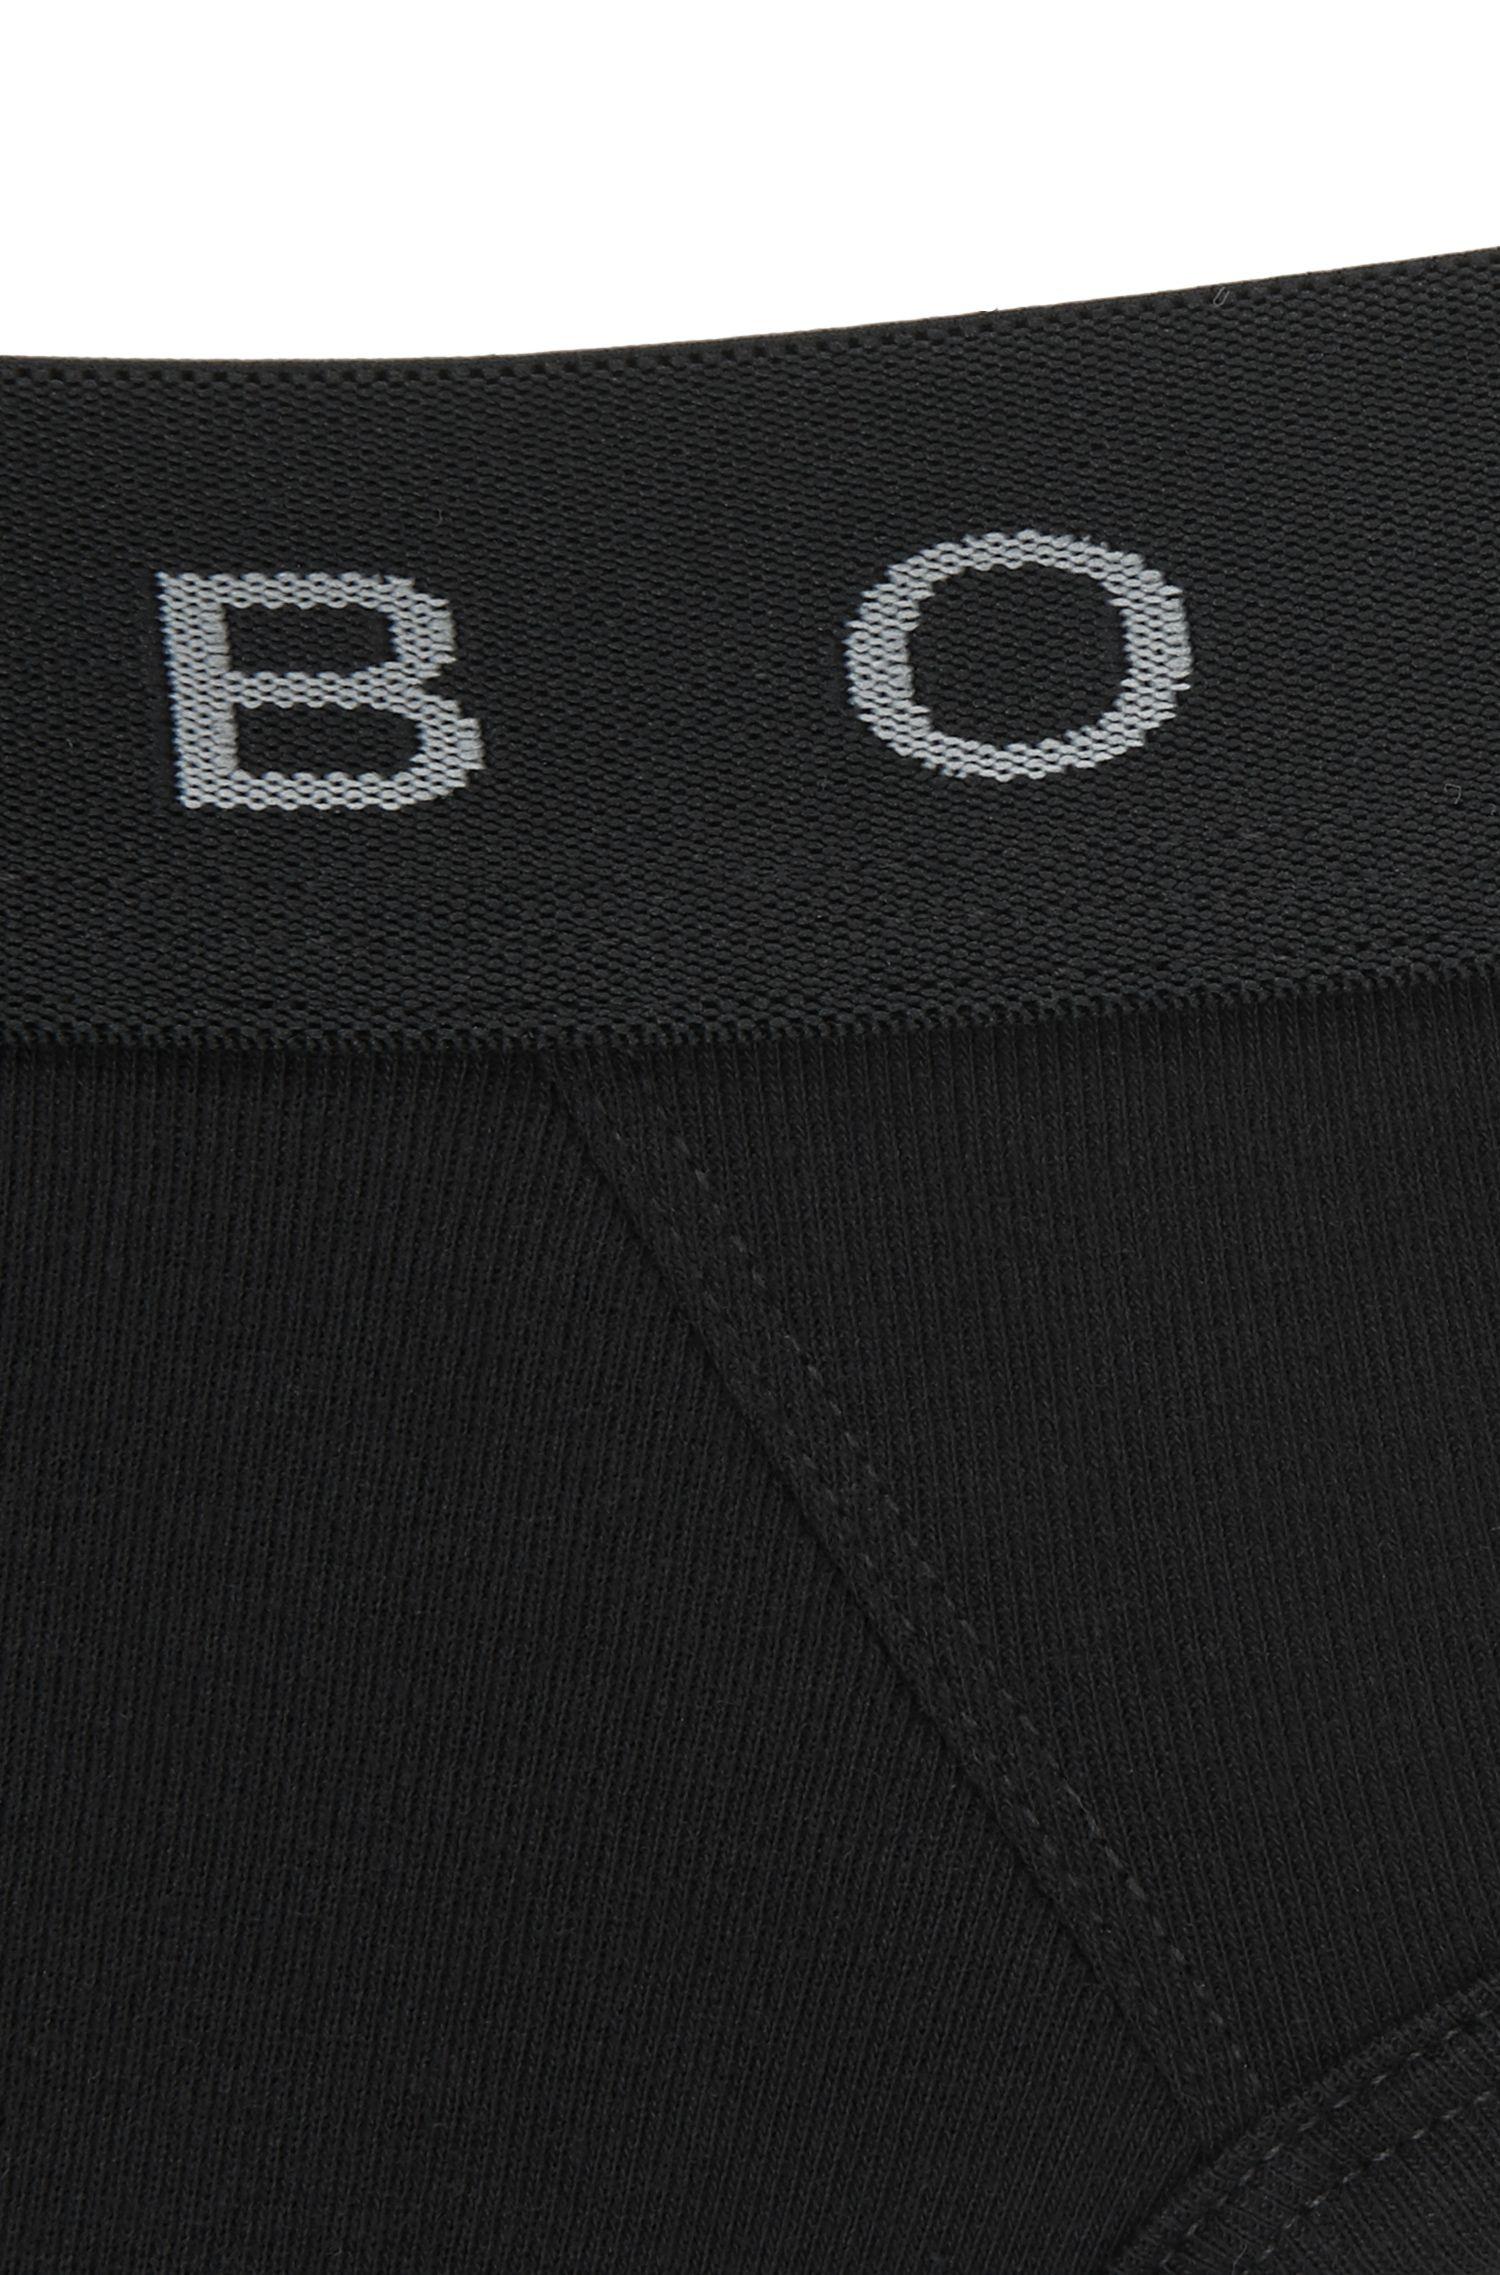 Slip aus gerippter Stretch-Baumwolle mit Logo am Bund, Schwarz